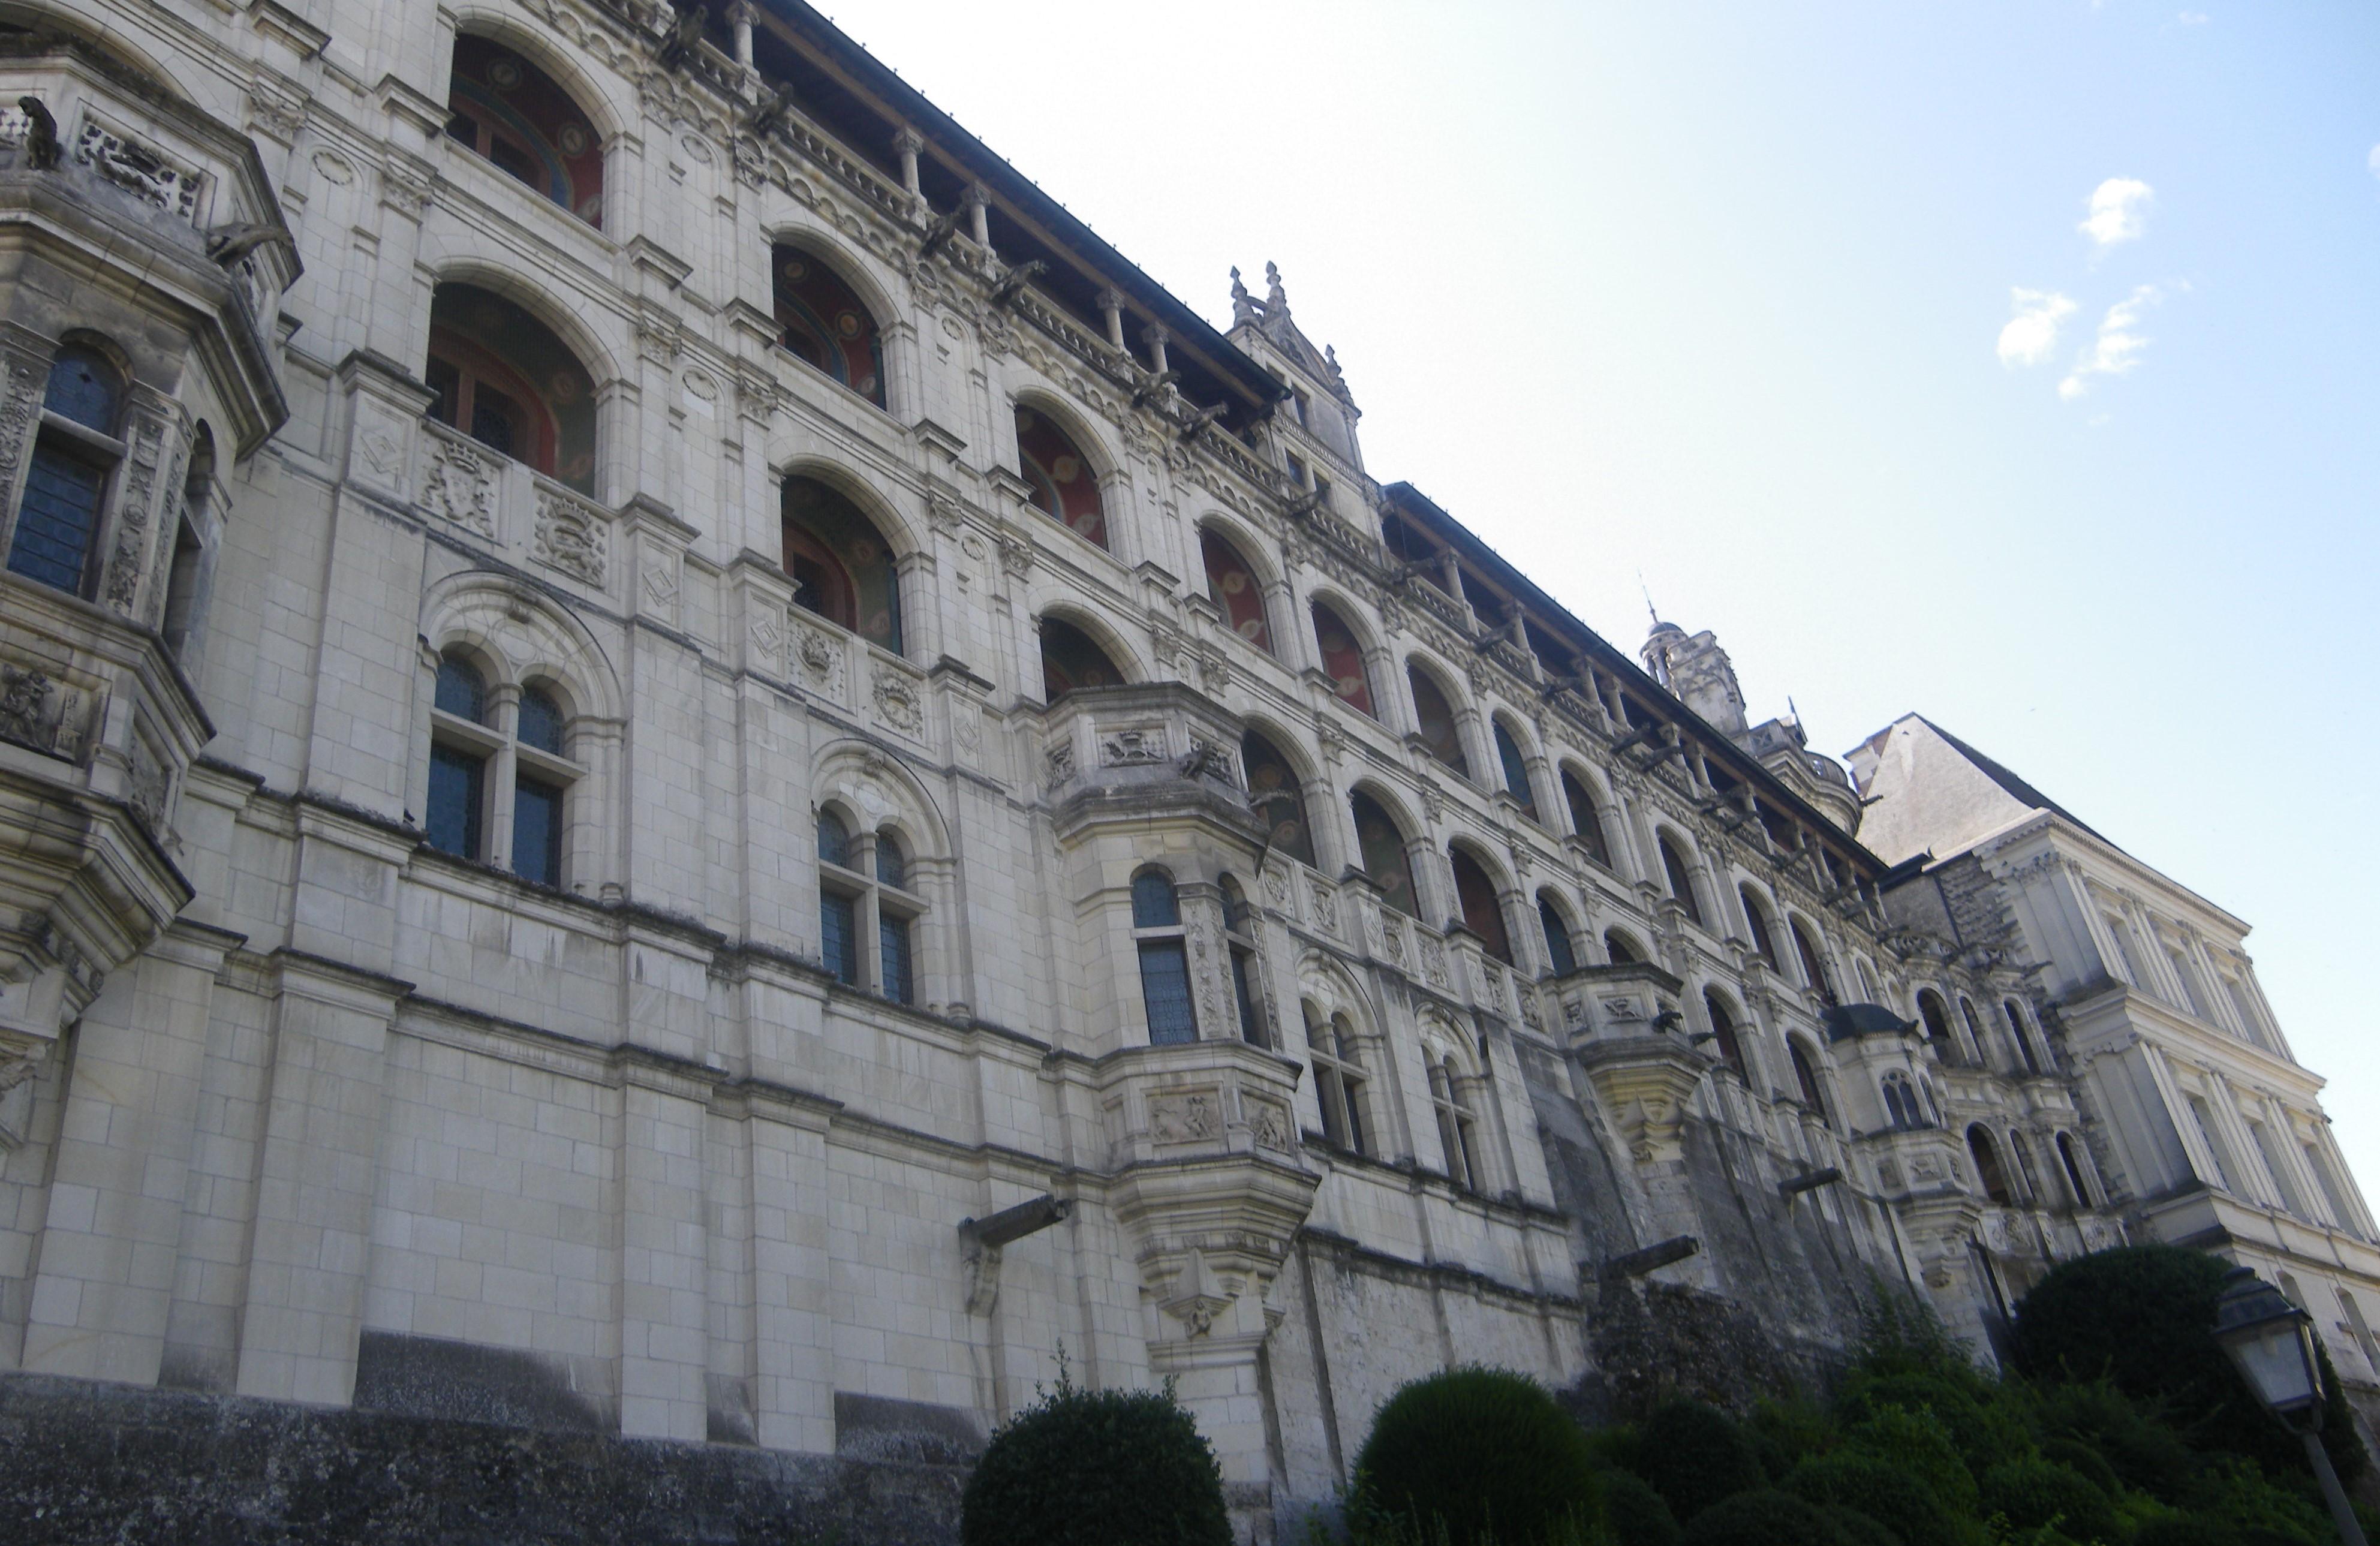 Blois_16